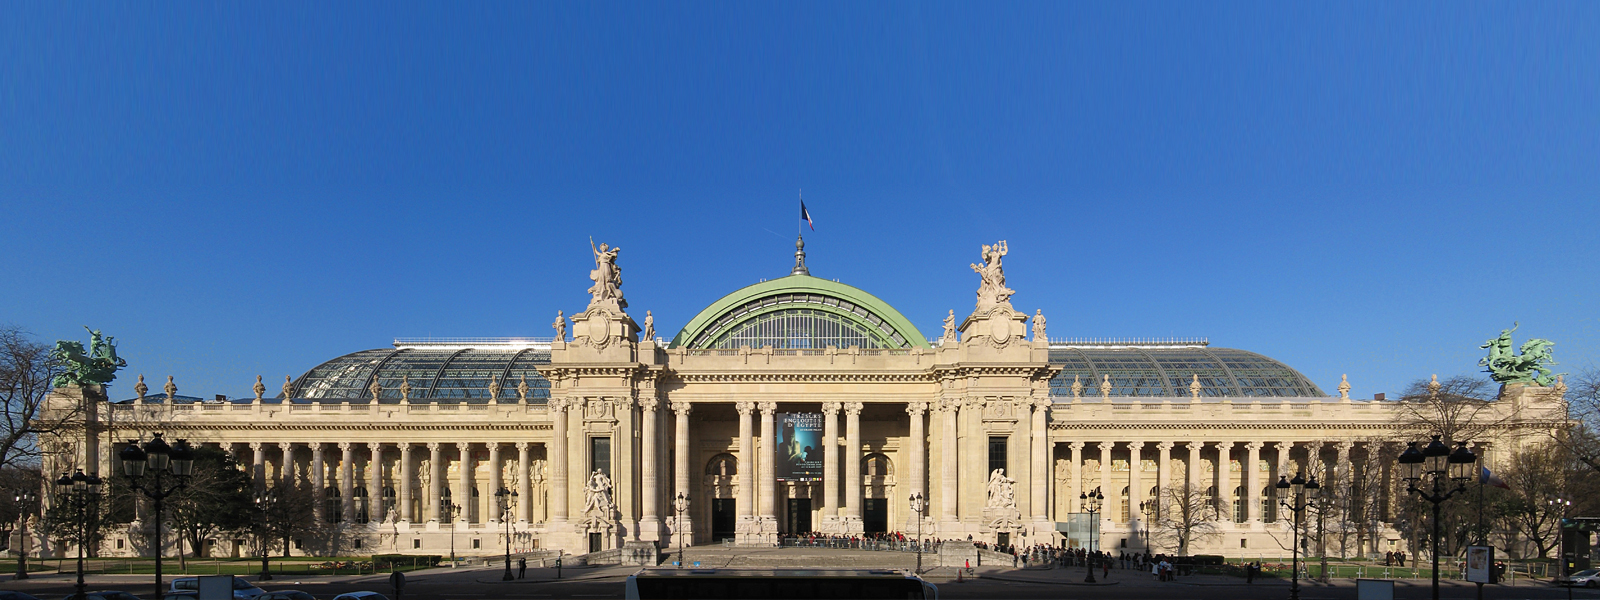 巴黎,依然熱愛藝術 Art lives on in Paris